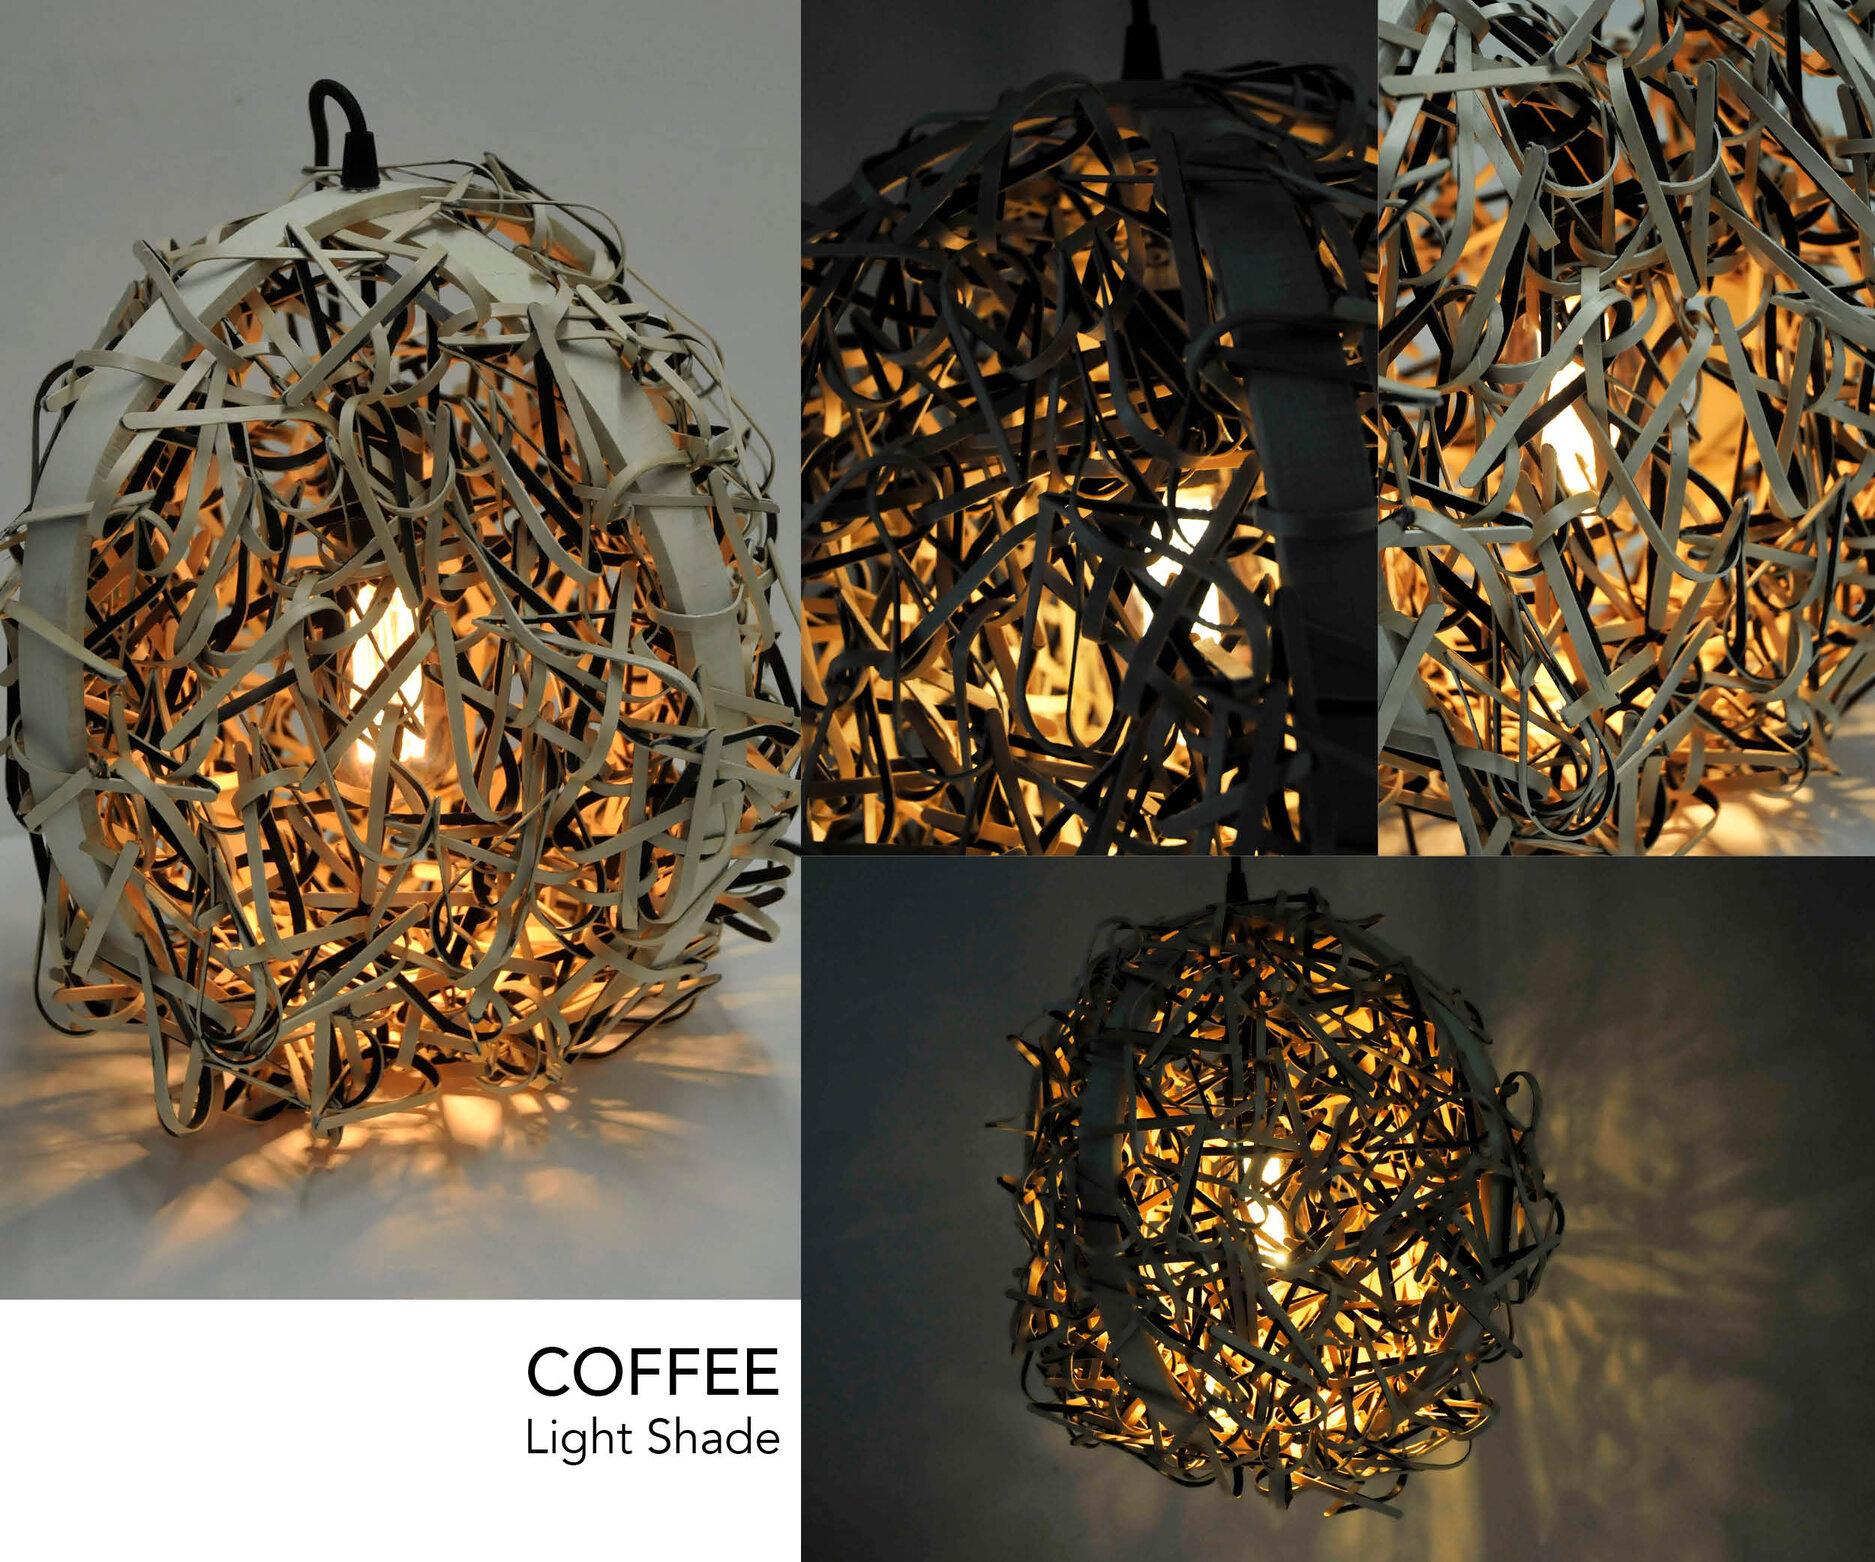 Coffee Light - Hanging Light Installation